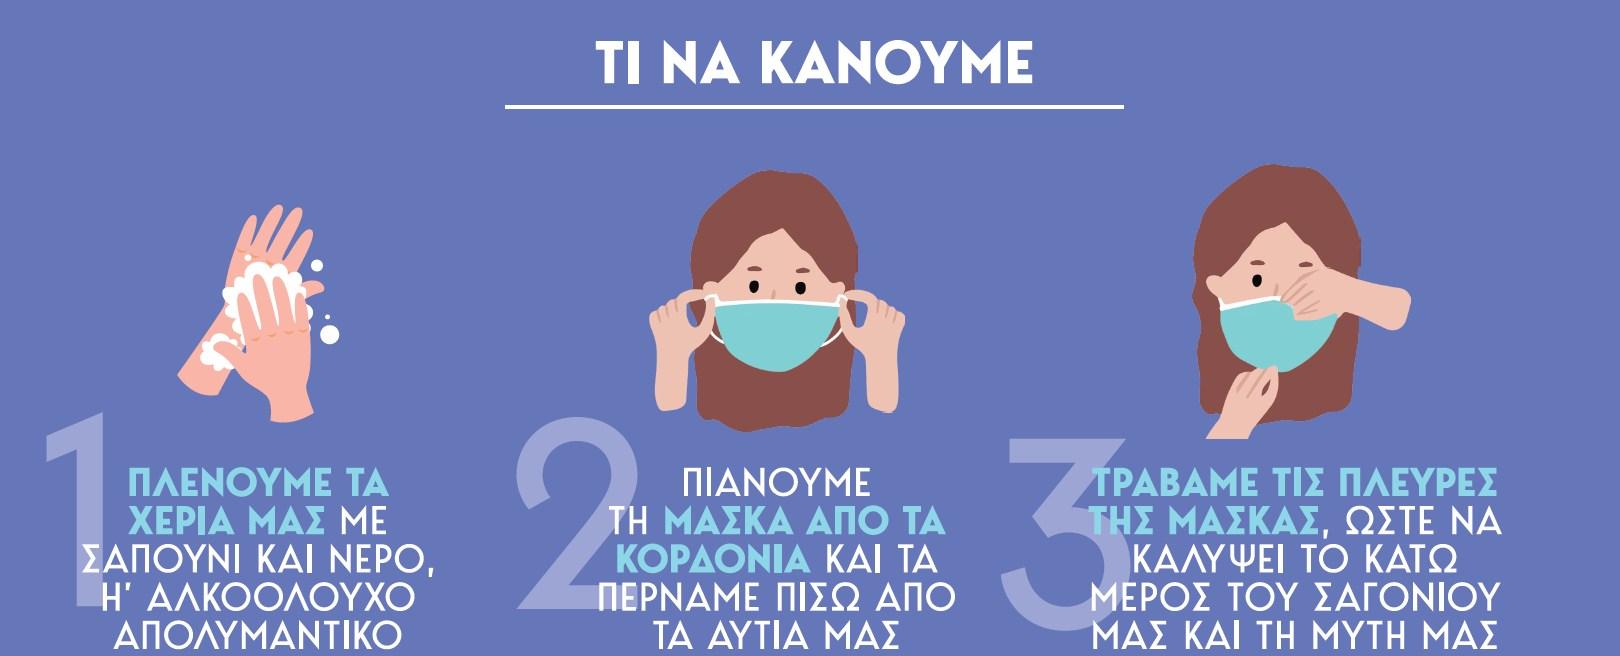 Ενημερώνει για την ορθή χρήση της μάσκας ο Δήμος Αμφιλοχίας